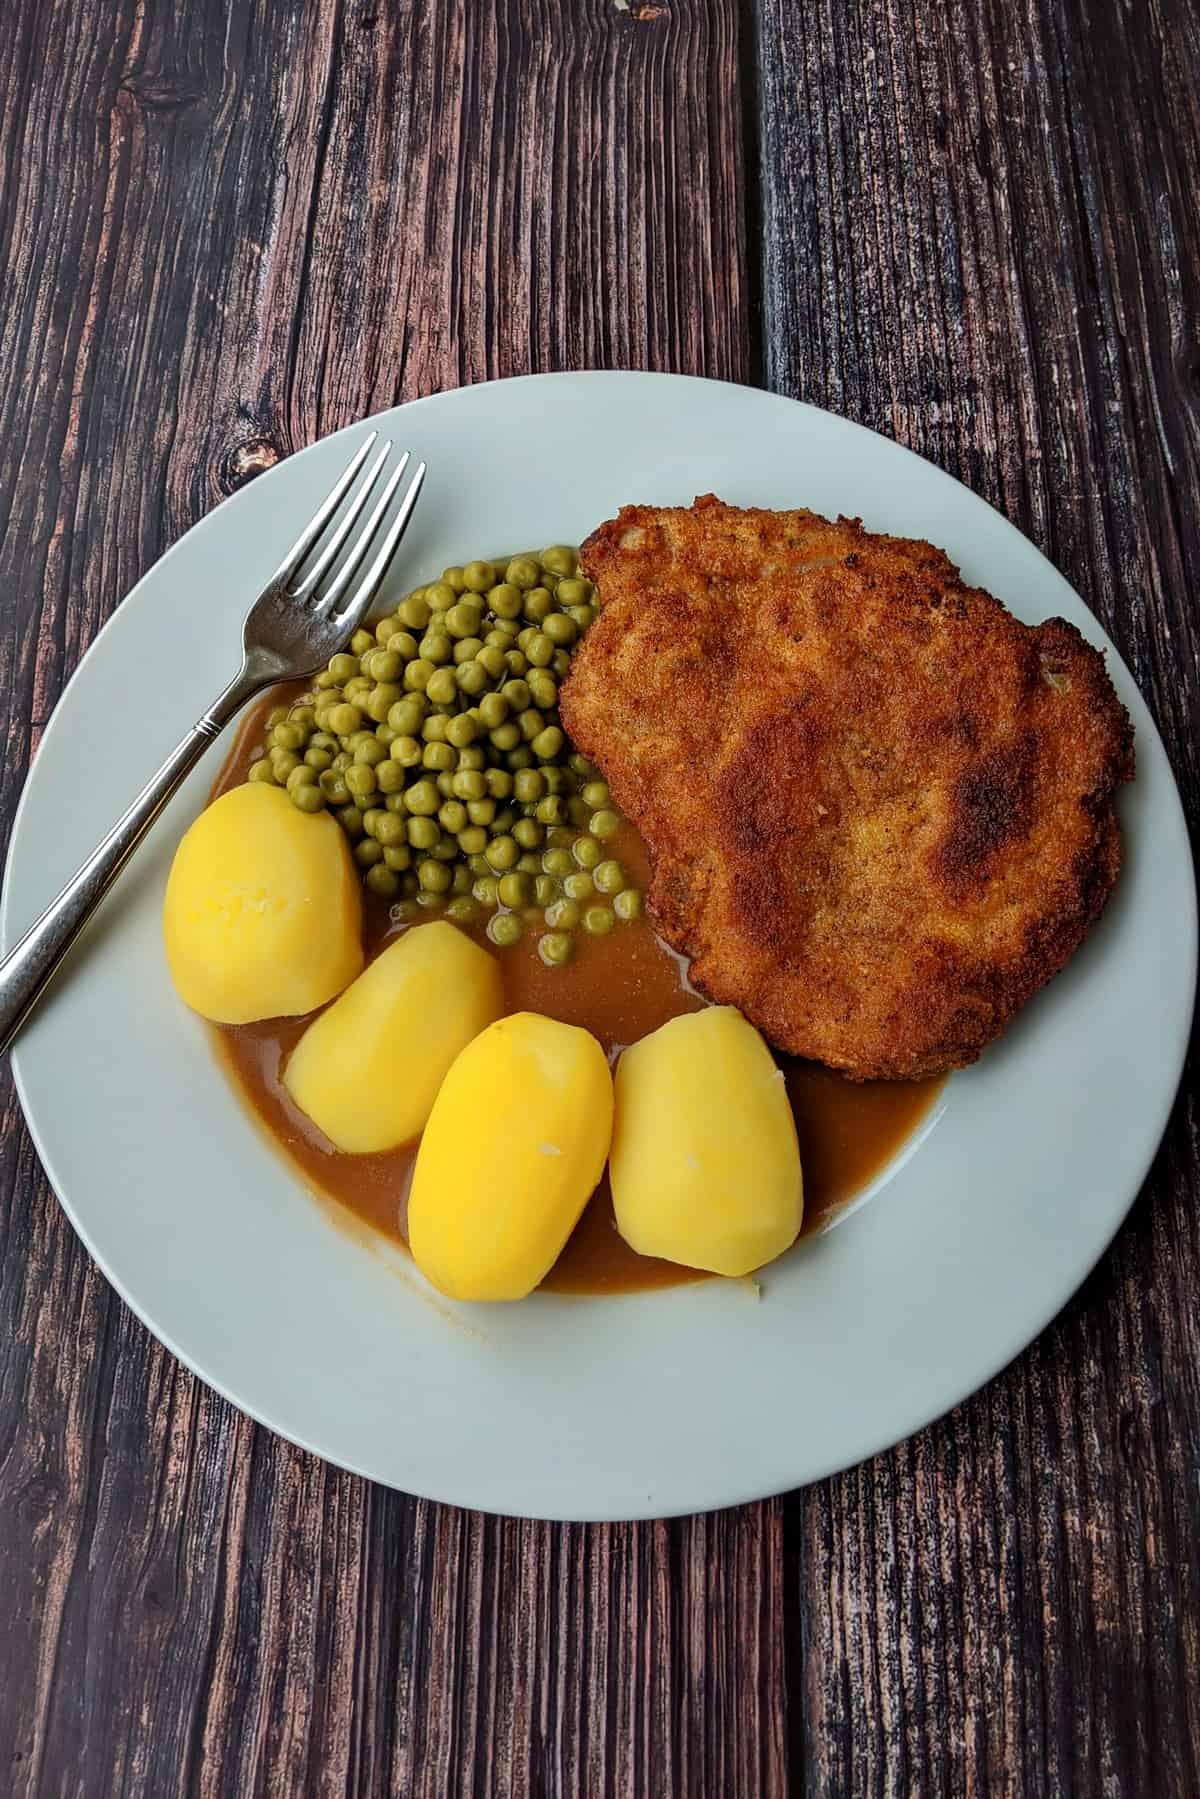 Schnitzel Wiener Art mit Salzkartoffeln, Erbsen und Bratensoße.